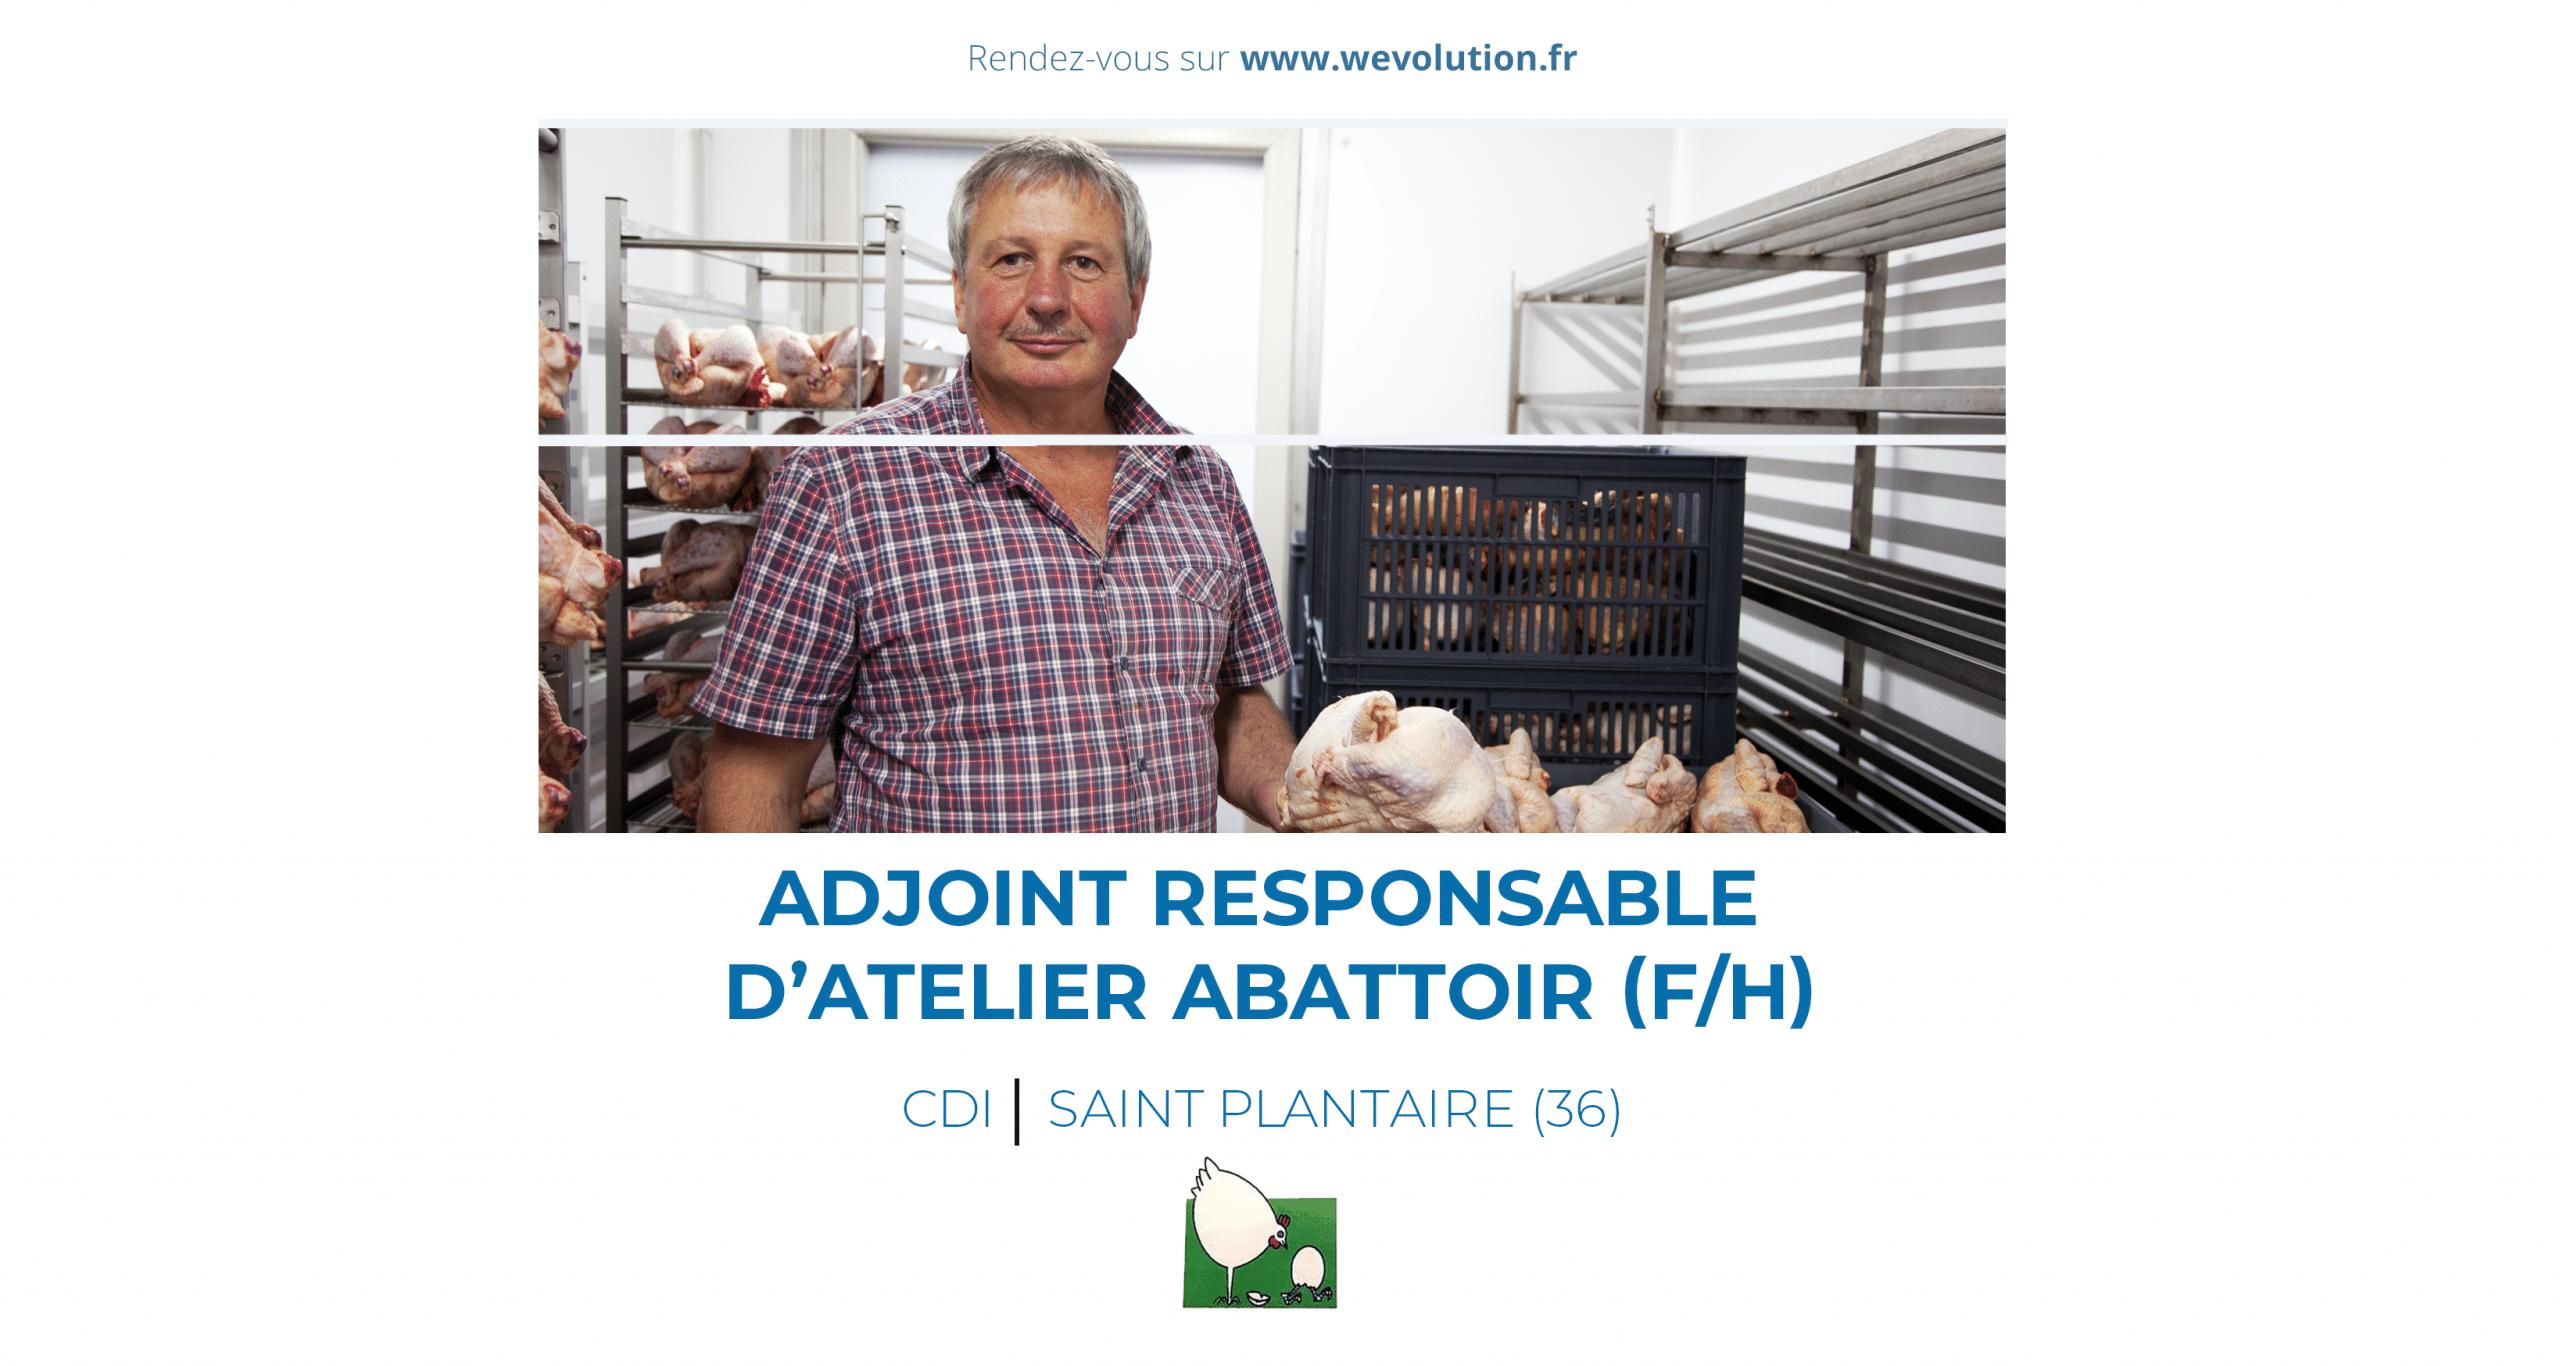 ADJOINT RESPONSABLE D'ATELIER ABATTOIR (F/H) – LA FERME DU PRE CAILLET